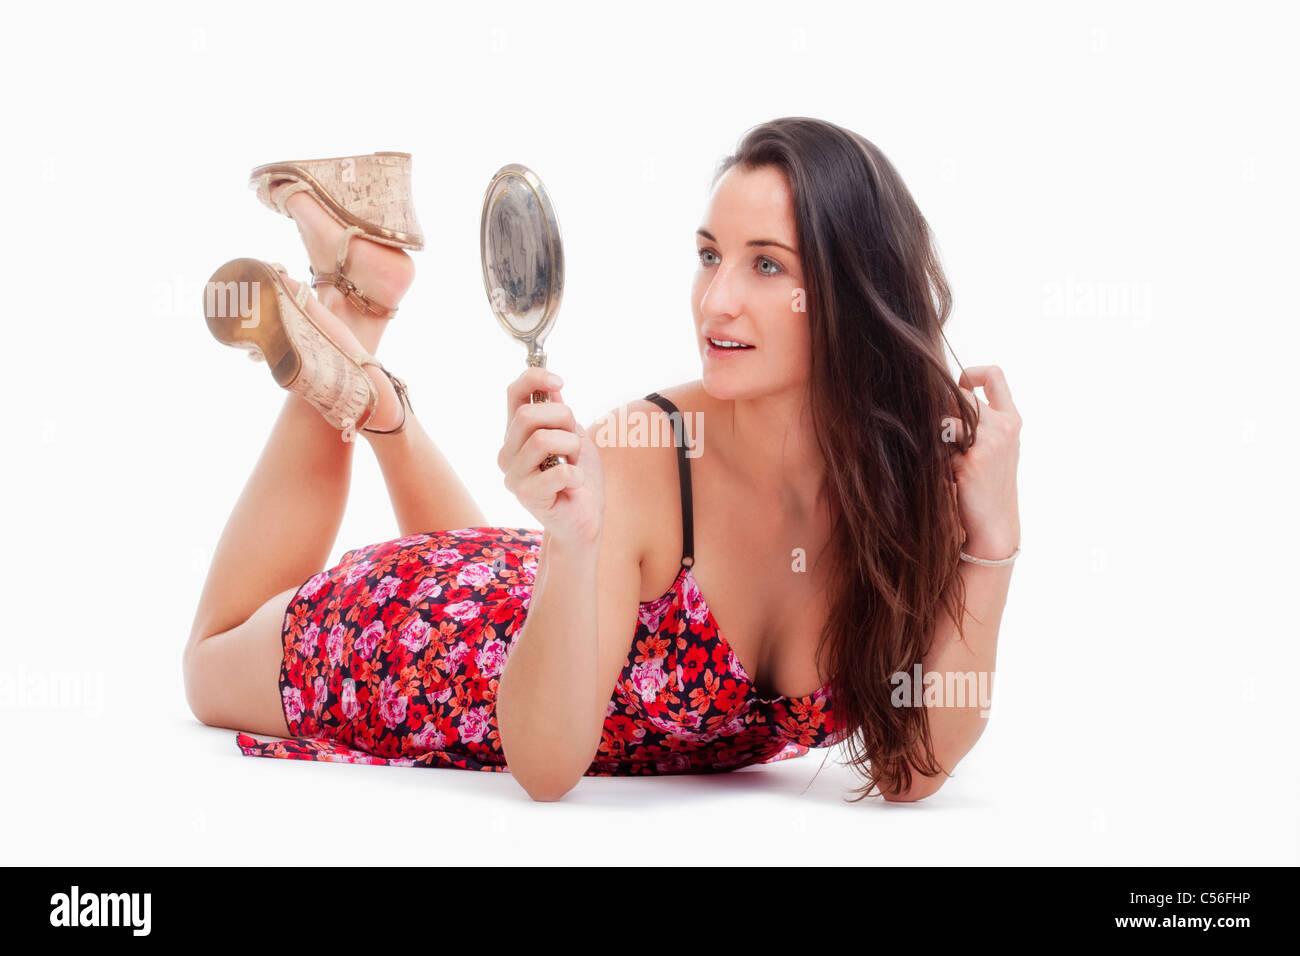 Donna in abiti estivi guardando lo specchio a mano - isolato su bianco Immagini Stock